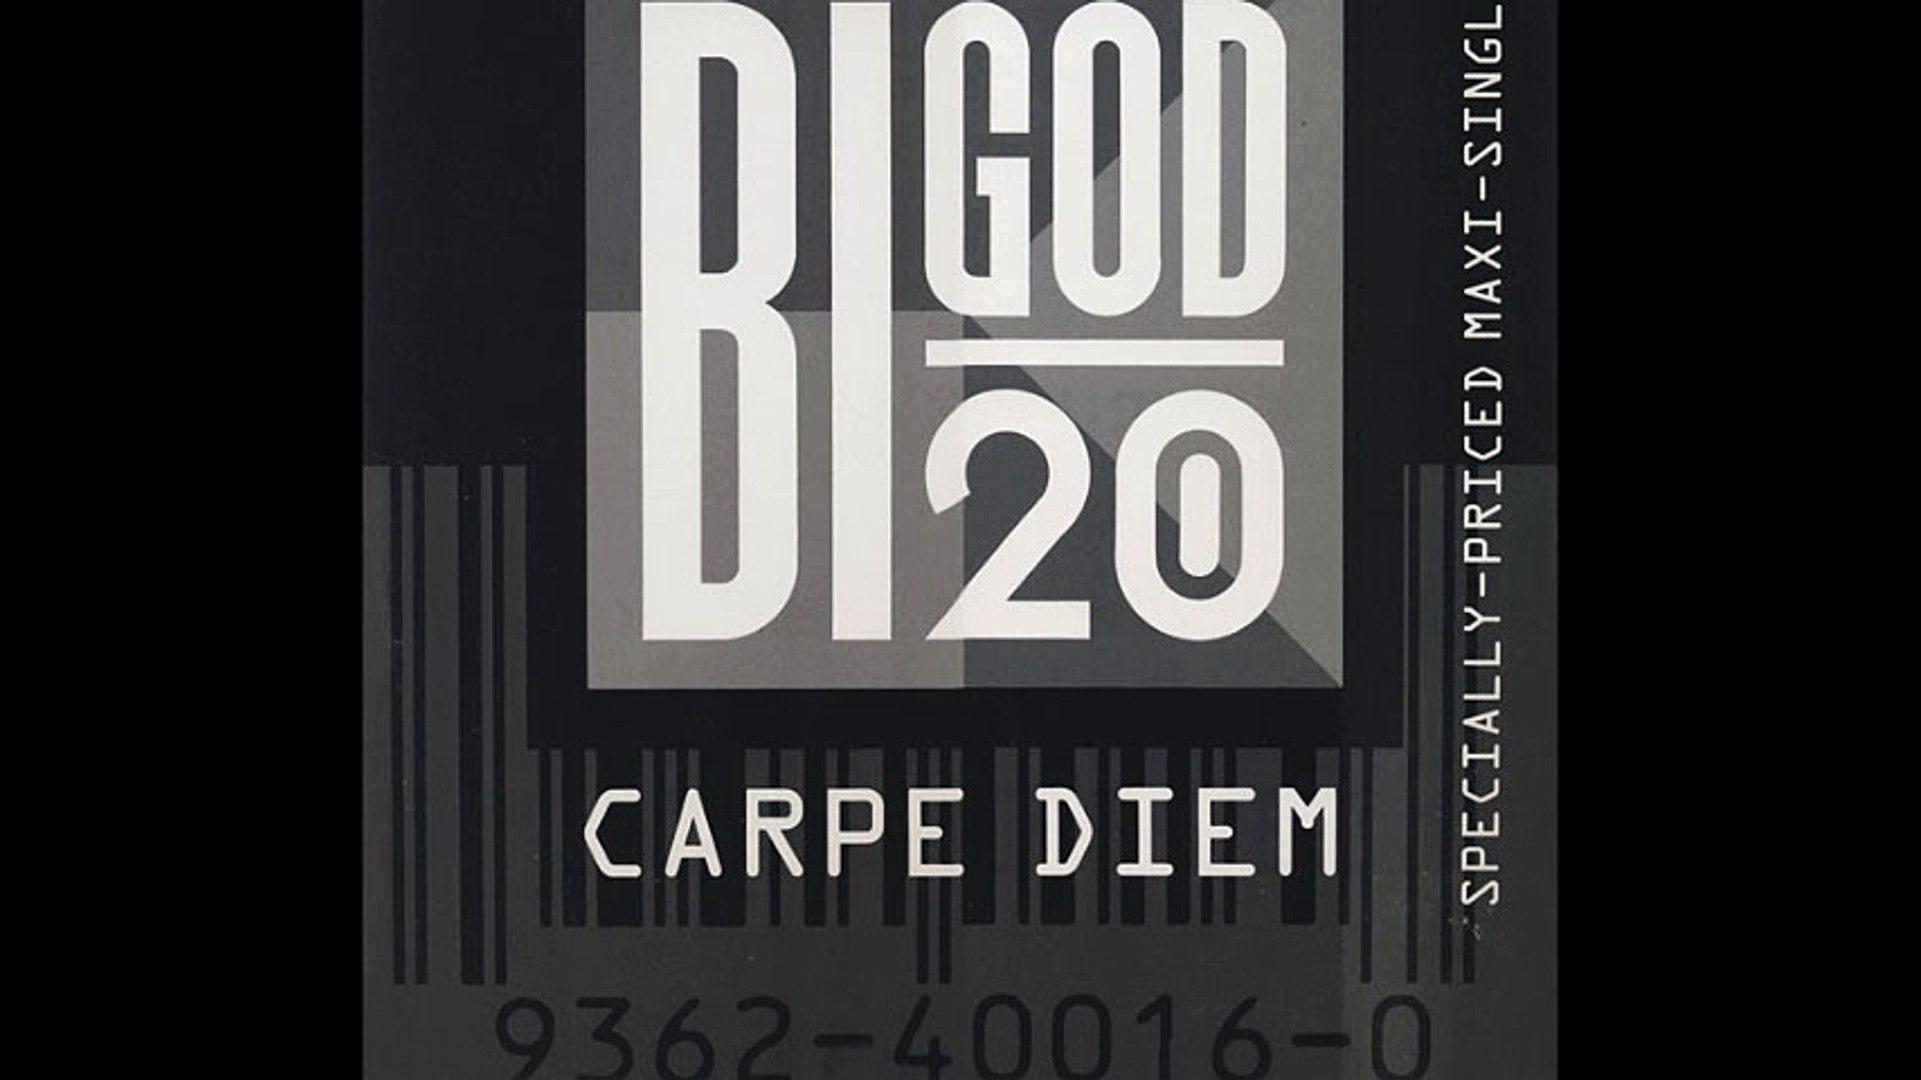 Bigod 20 - Carpe Diem 2 (Bigod 10 Mix) (A1)